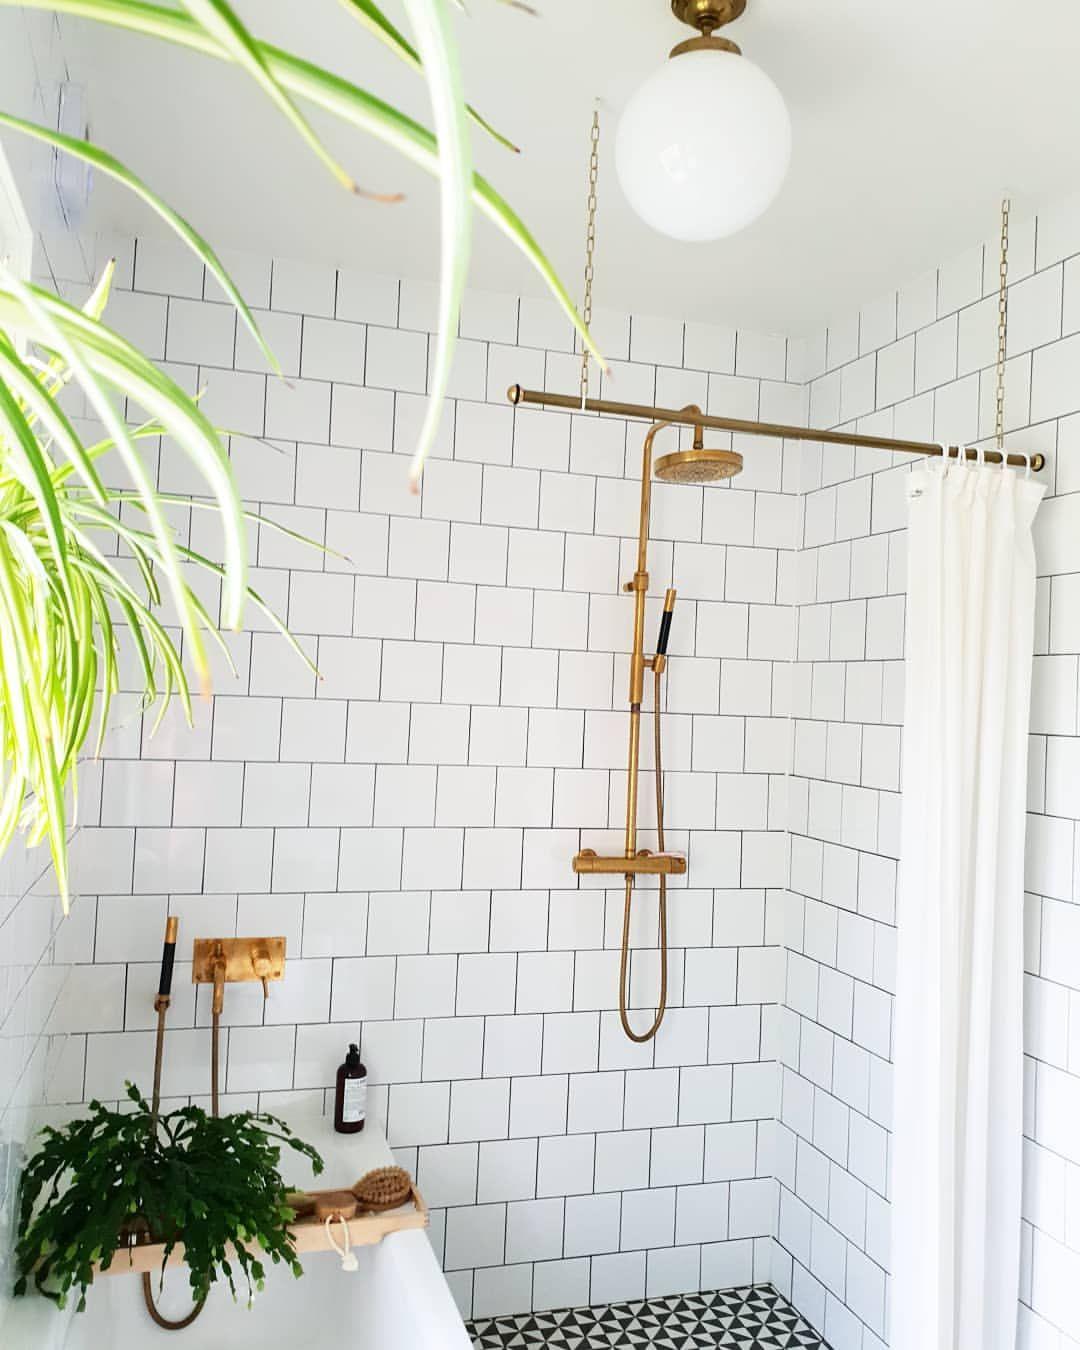 Badeforhæng Stang stang til badeforhæng | decor - bathroom